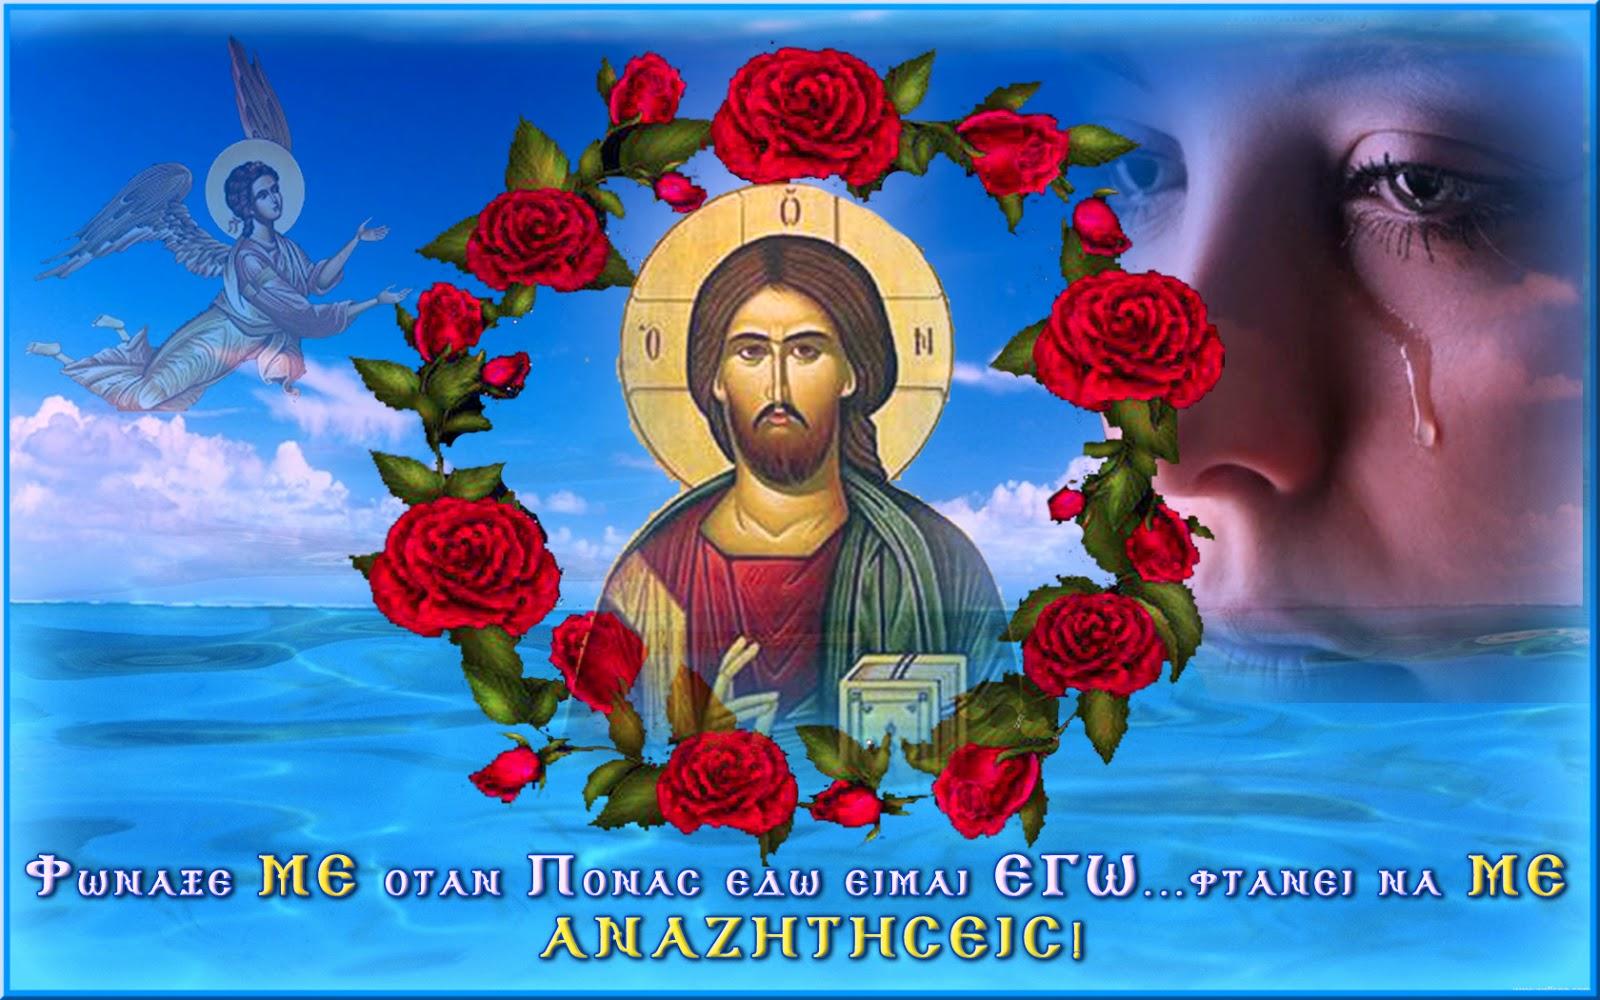 Αποτέλεσμα εικόνας για ΑΓΑΠΗ ΤΟΥ ΘΕΟΥ ΑΓΙΟ ΠΝΕΥΜ Α